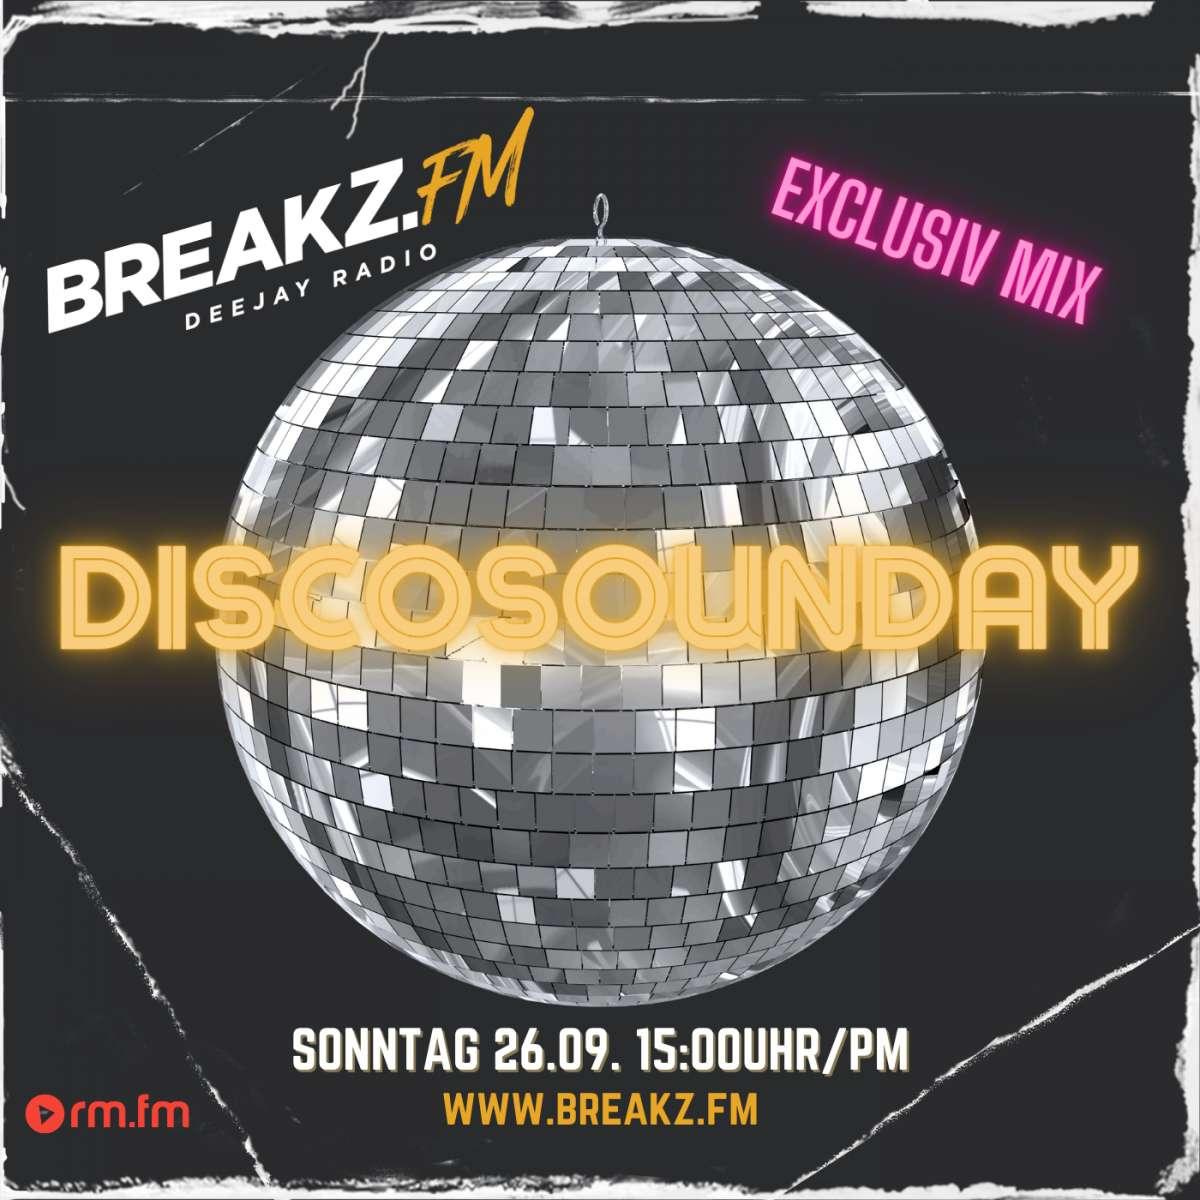 DiscoSounday